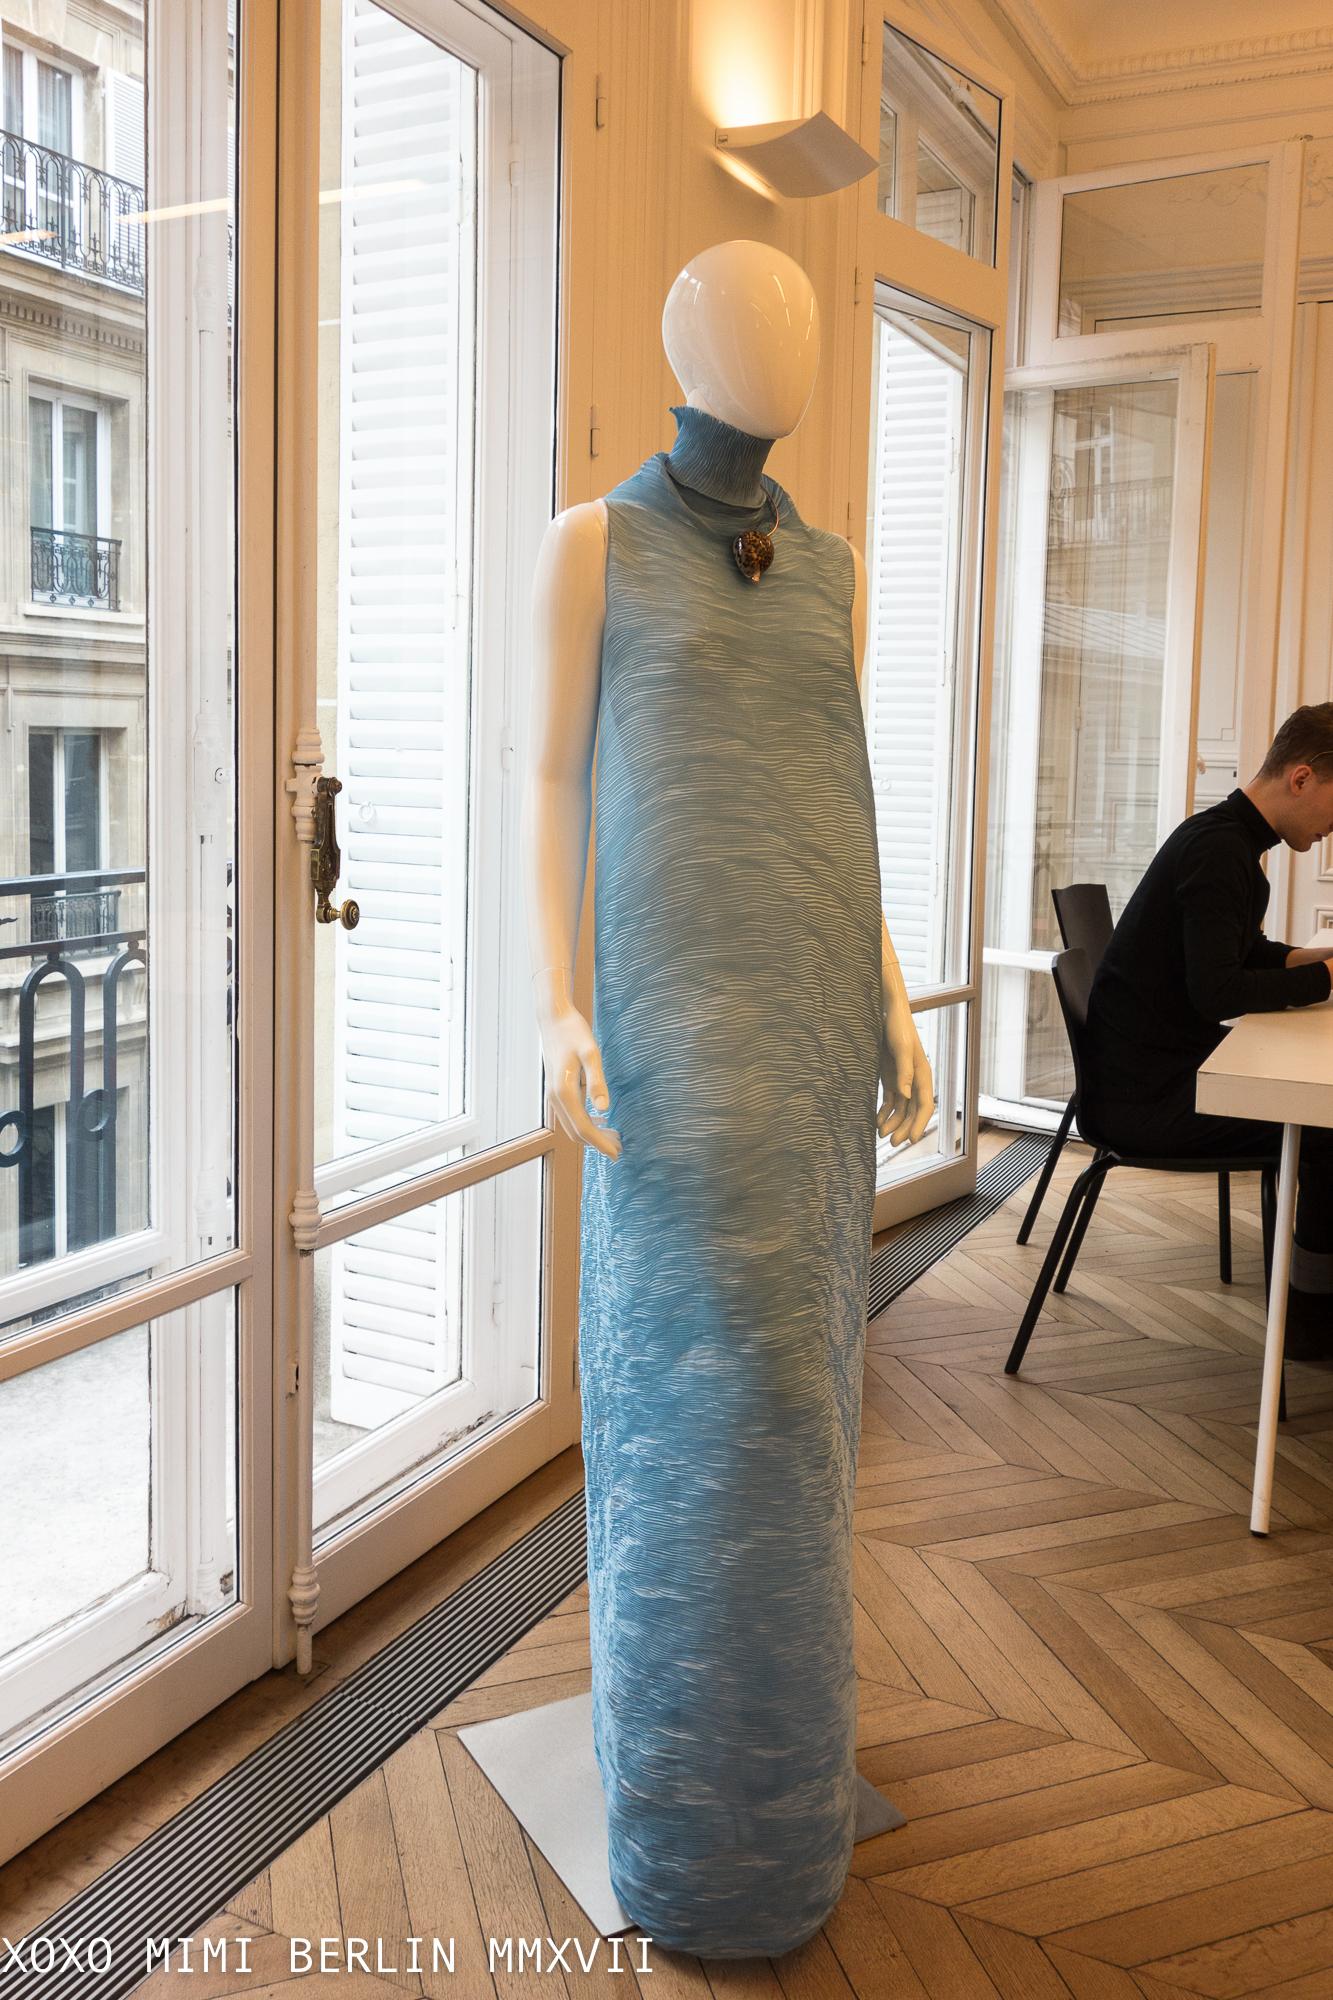 At Peet Dullaert's Showroom in the Atelier Neérlandais, Paris